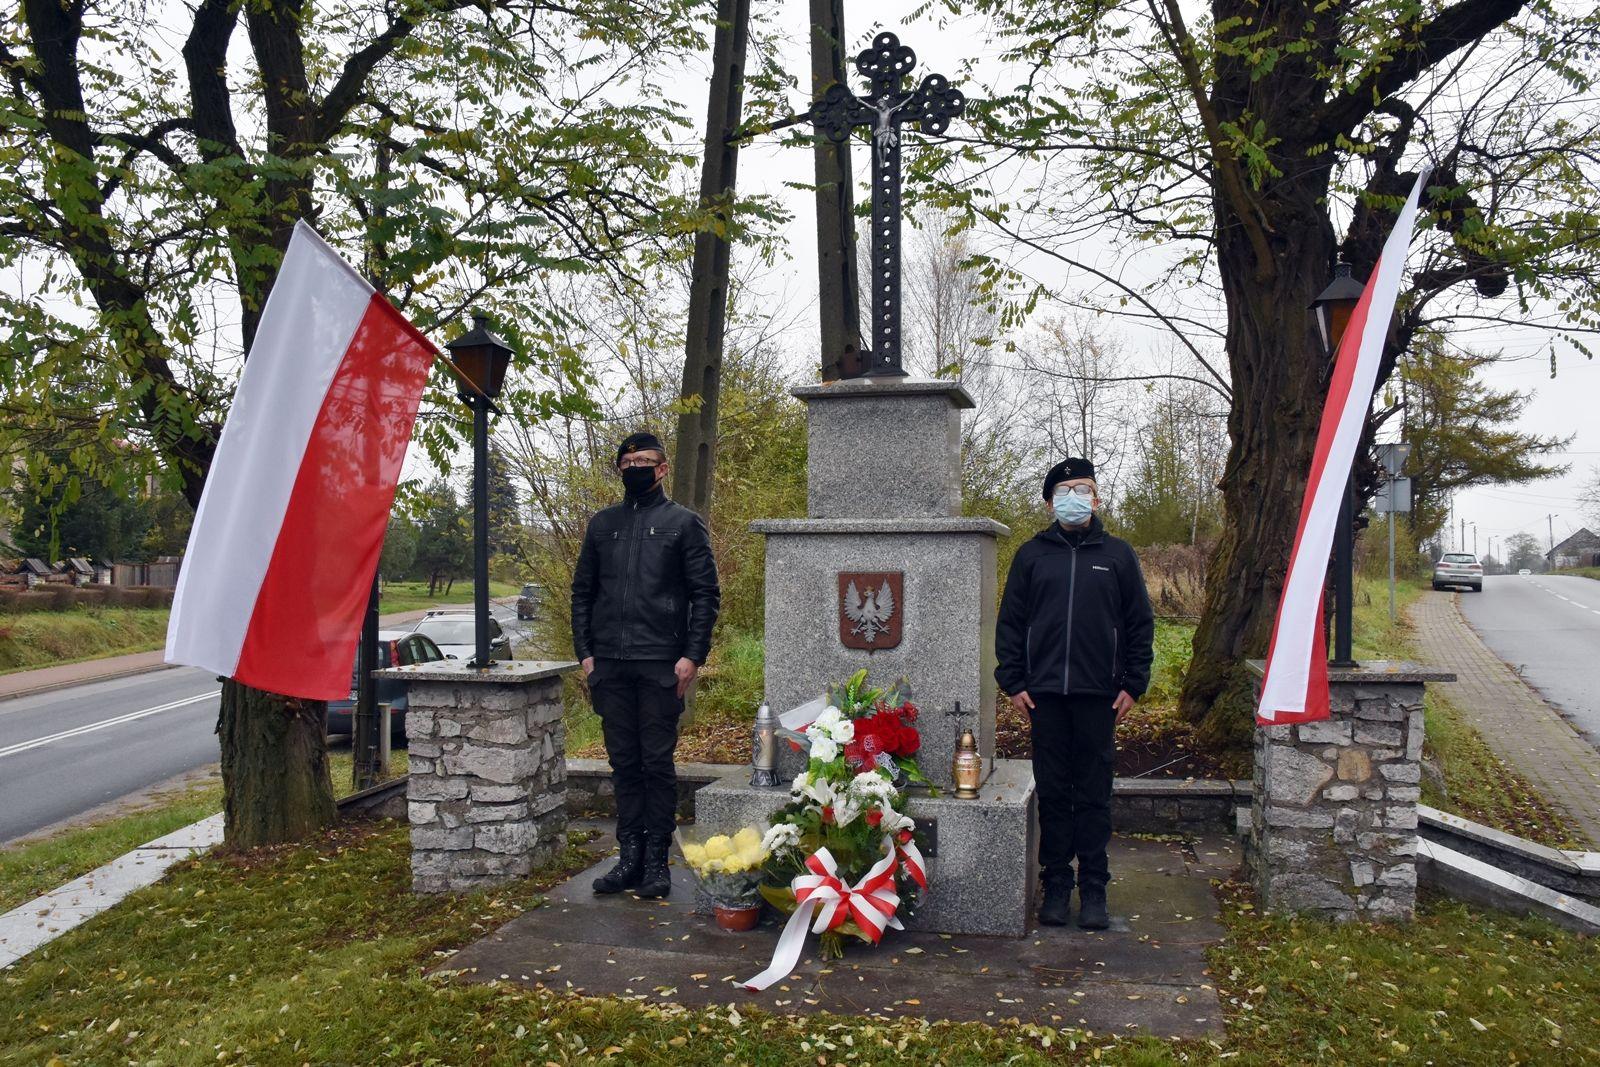 Na zdjęciu widoczny pomnik i dwóch harcerzy stojących na warcie. Obok pomnika biało-czerwone flagi.